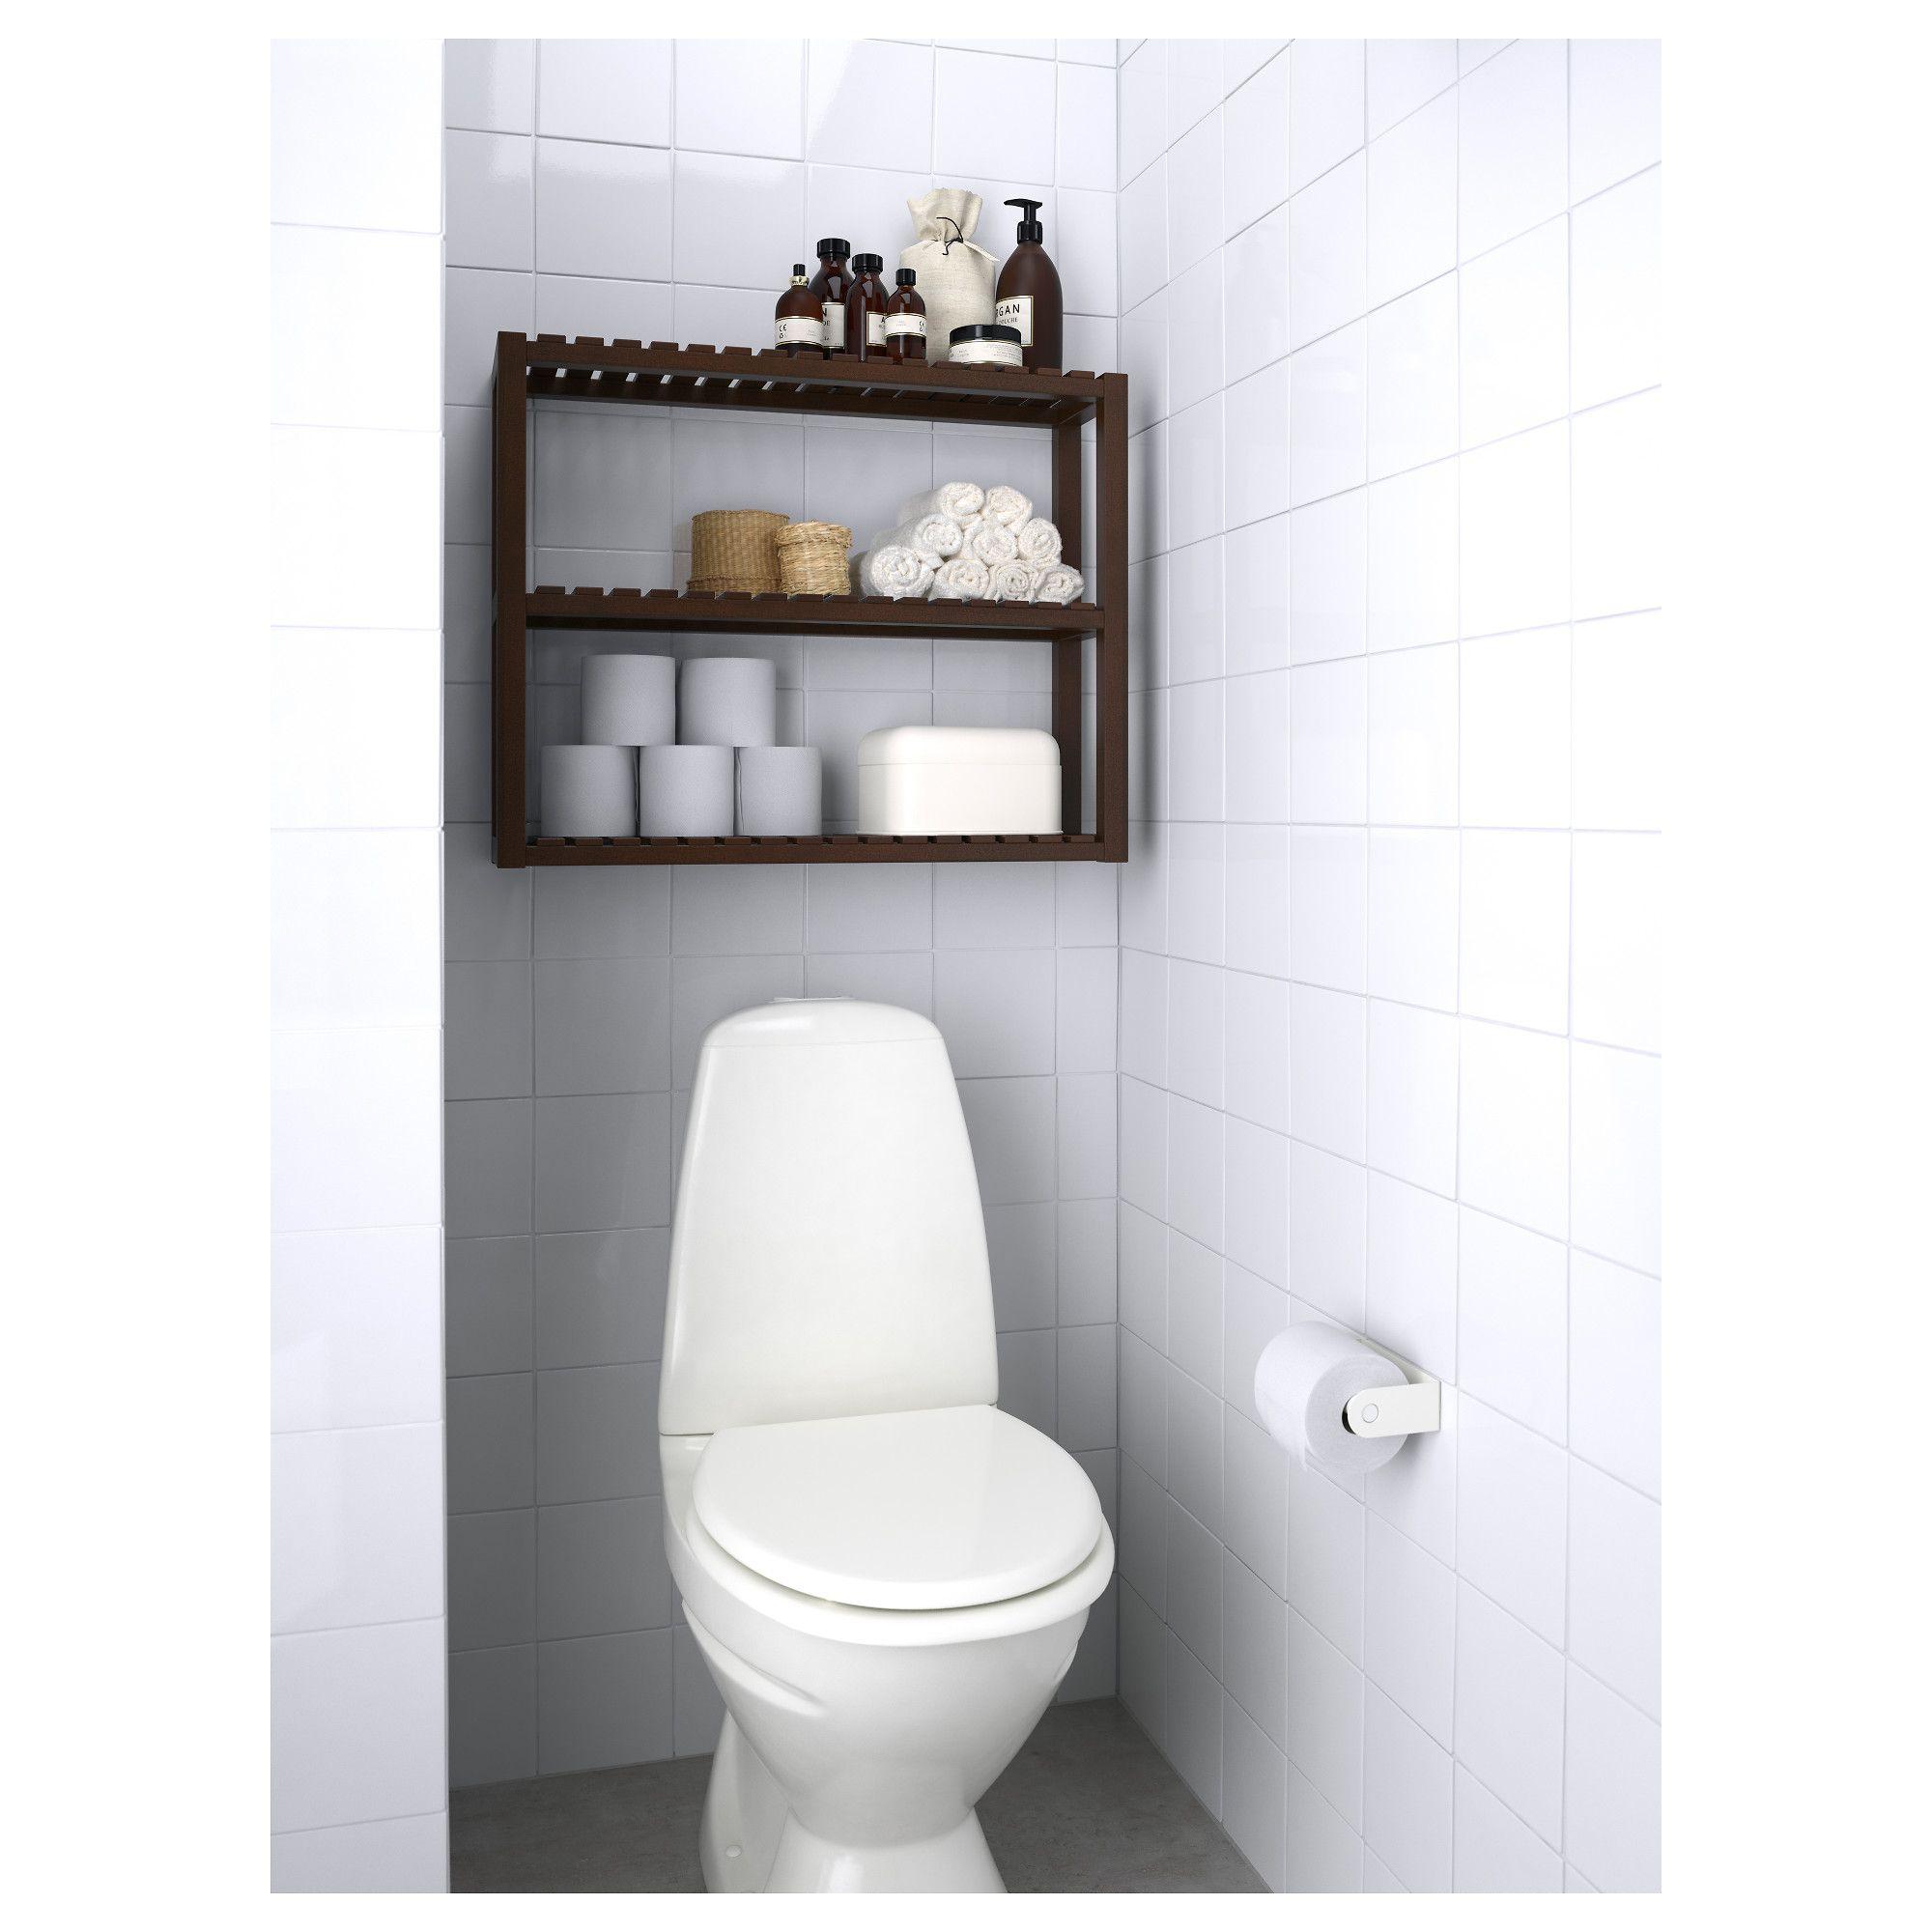 stufenregal ikea swalif. Black Bedroom Furniture Sets. Home Design Ideas